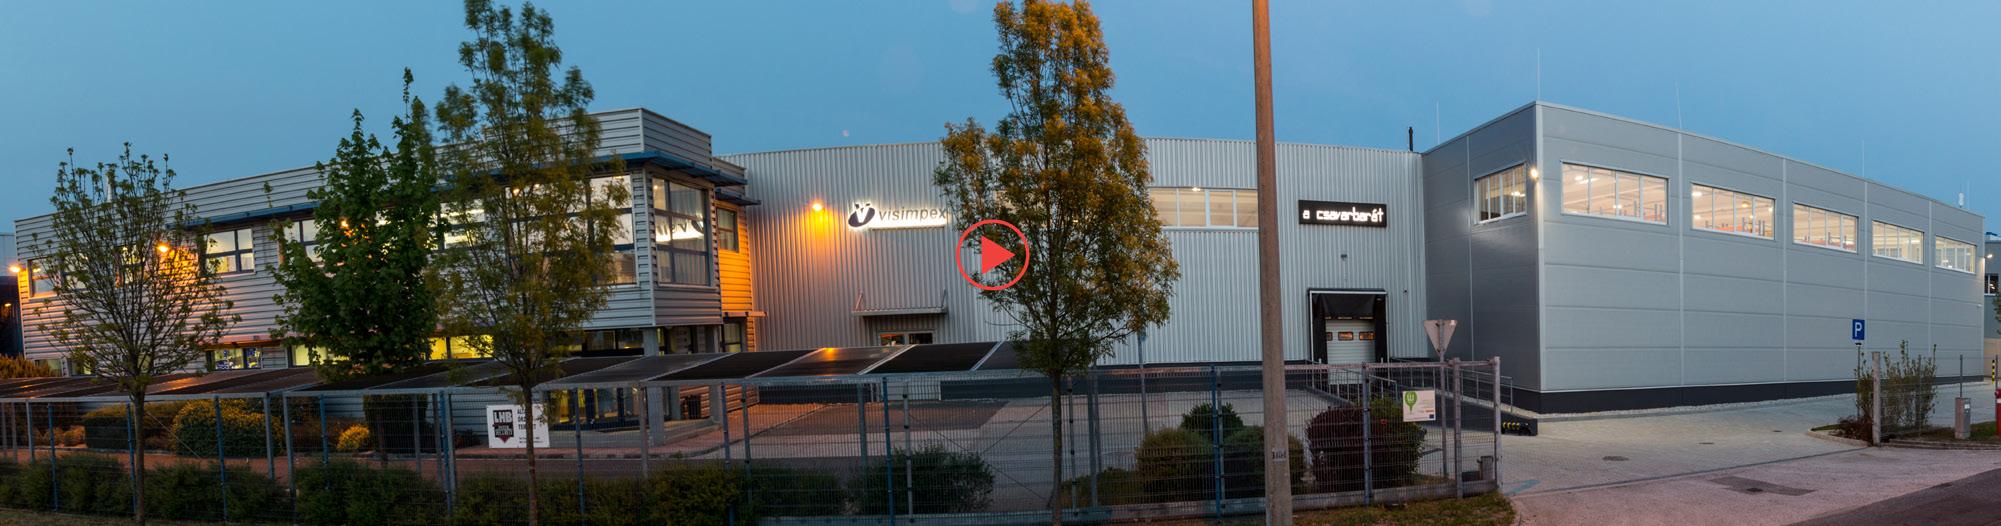 Visimpex-Hungary Kft. - cégbemutató kisfilm